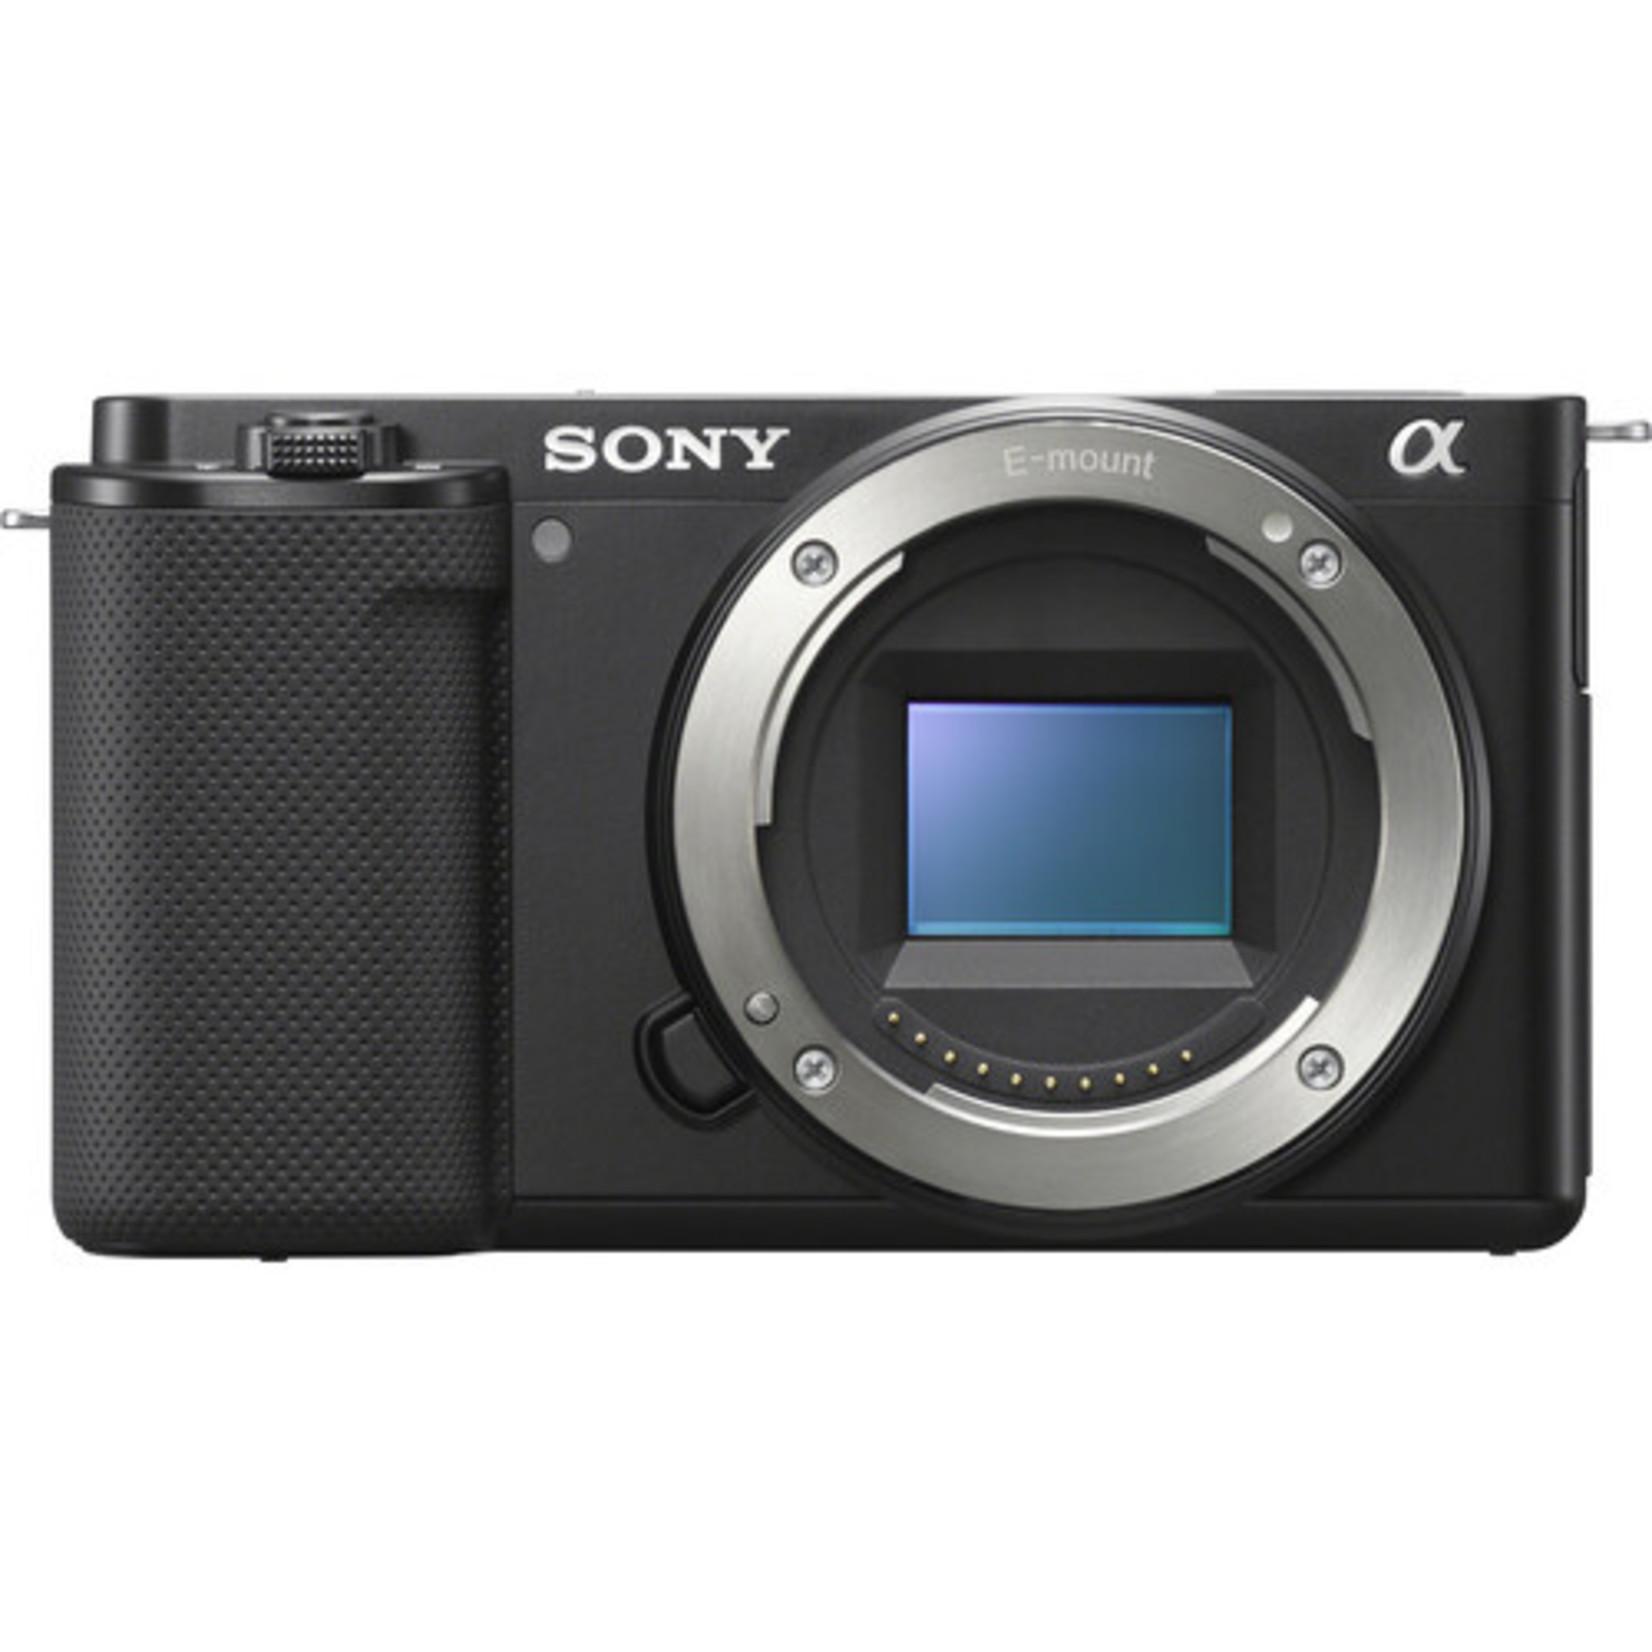 Sony SONY A ZV-E10 - DIGITAL CAMERA - BODY ONLY